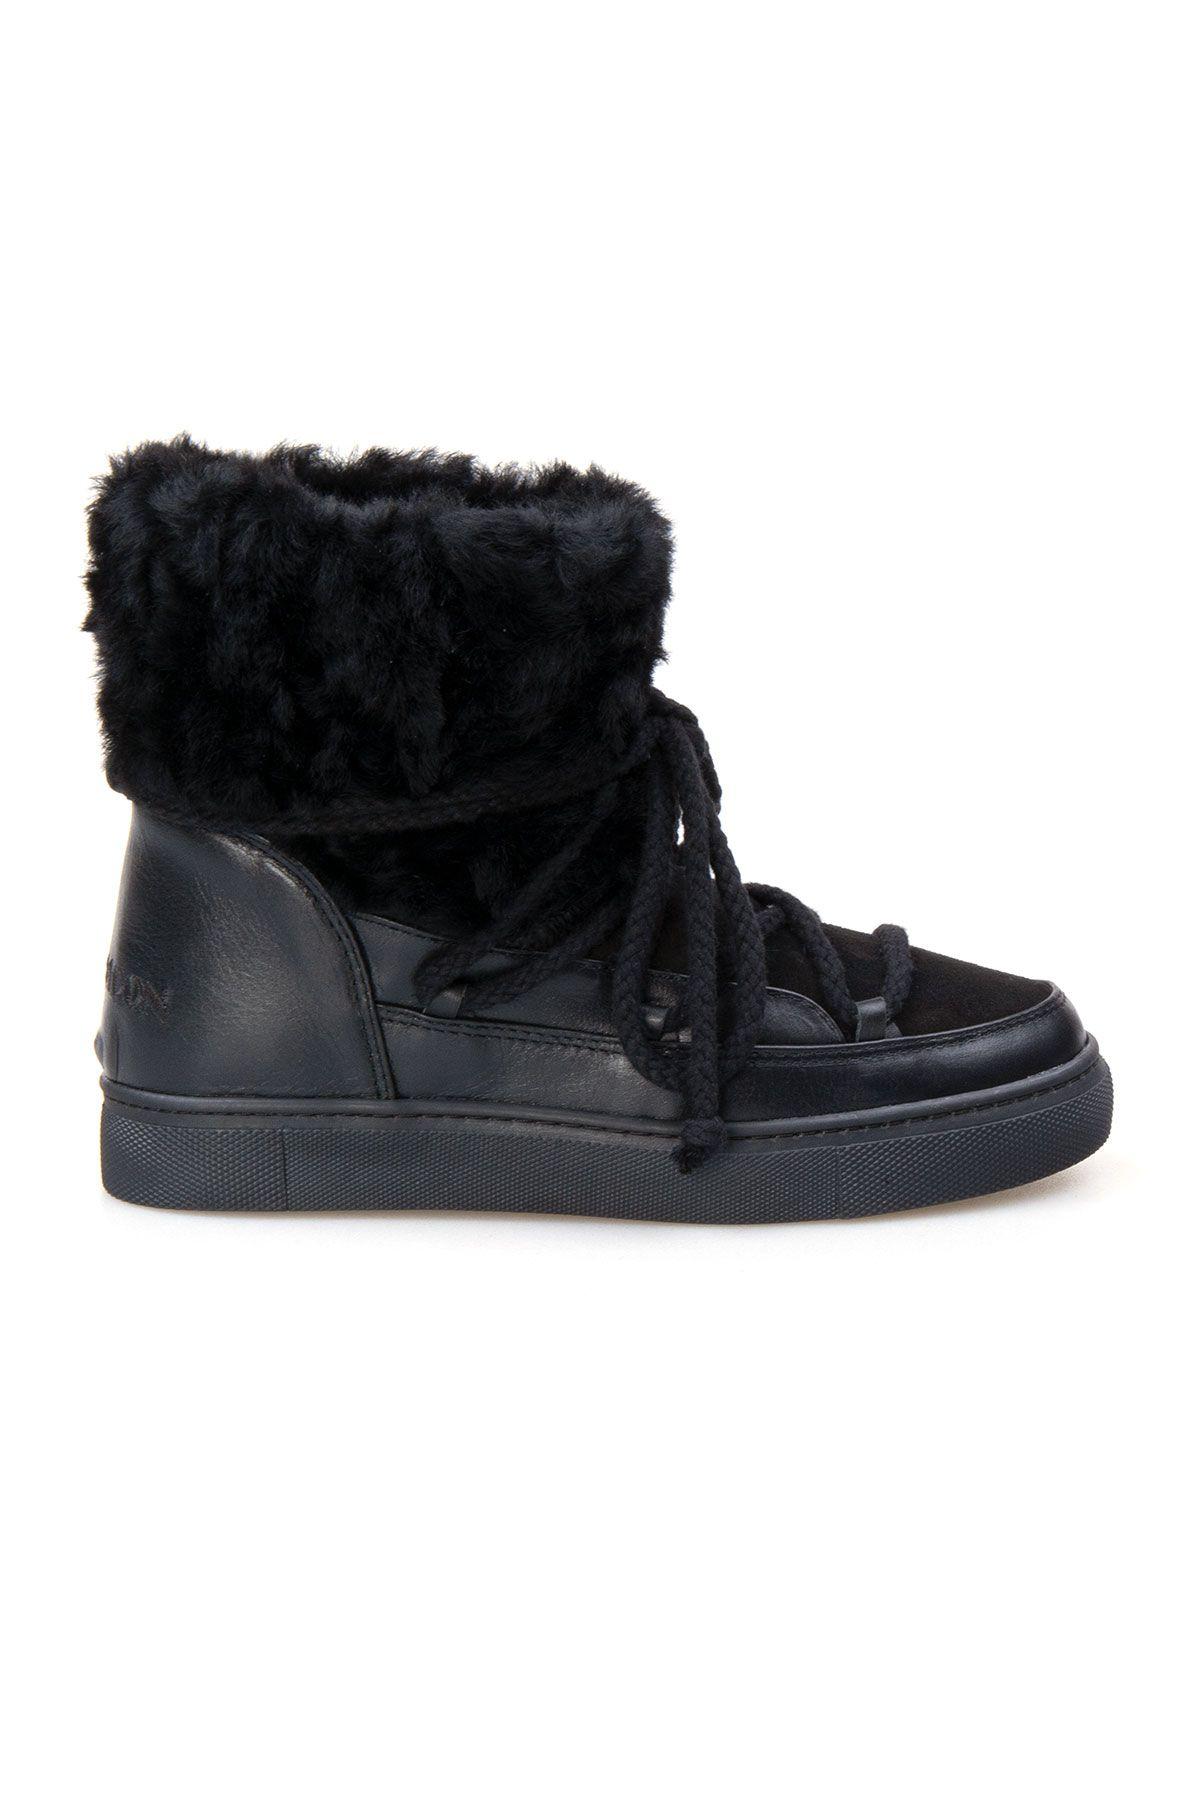 Cool Moon Genuine Sheepskin Women's Sneakers 355059 Black